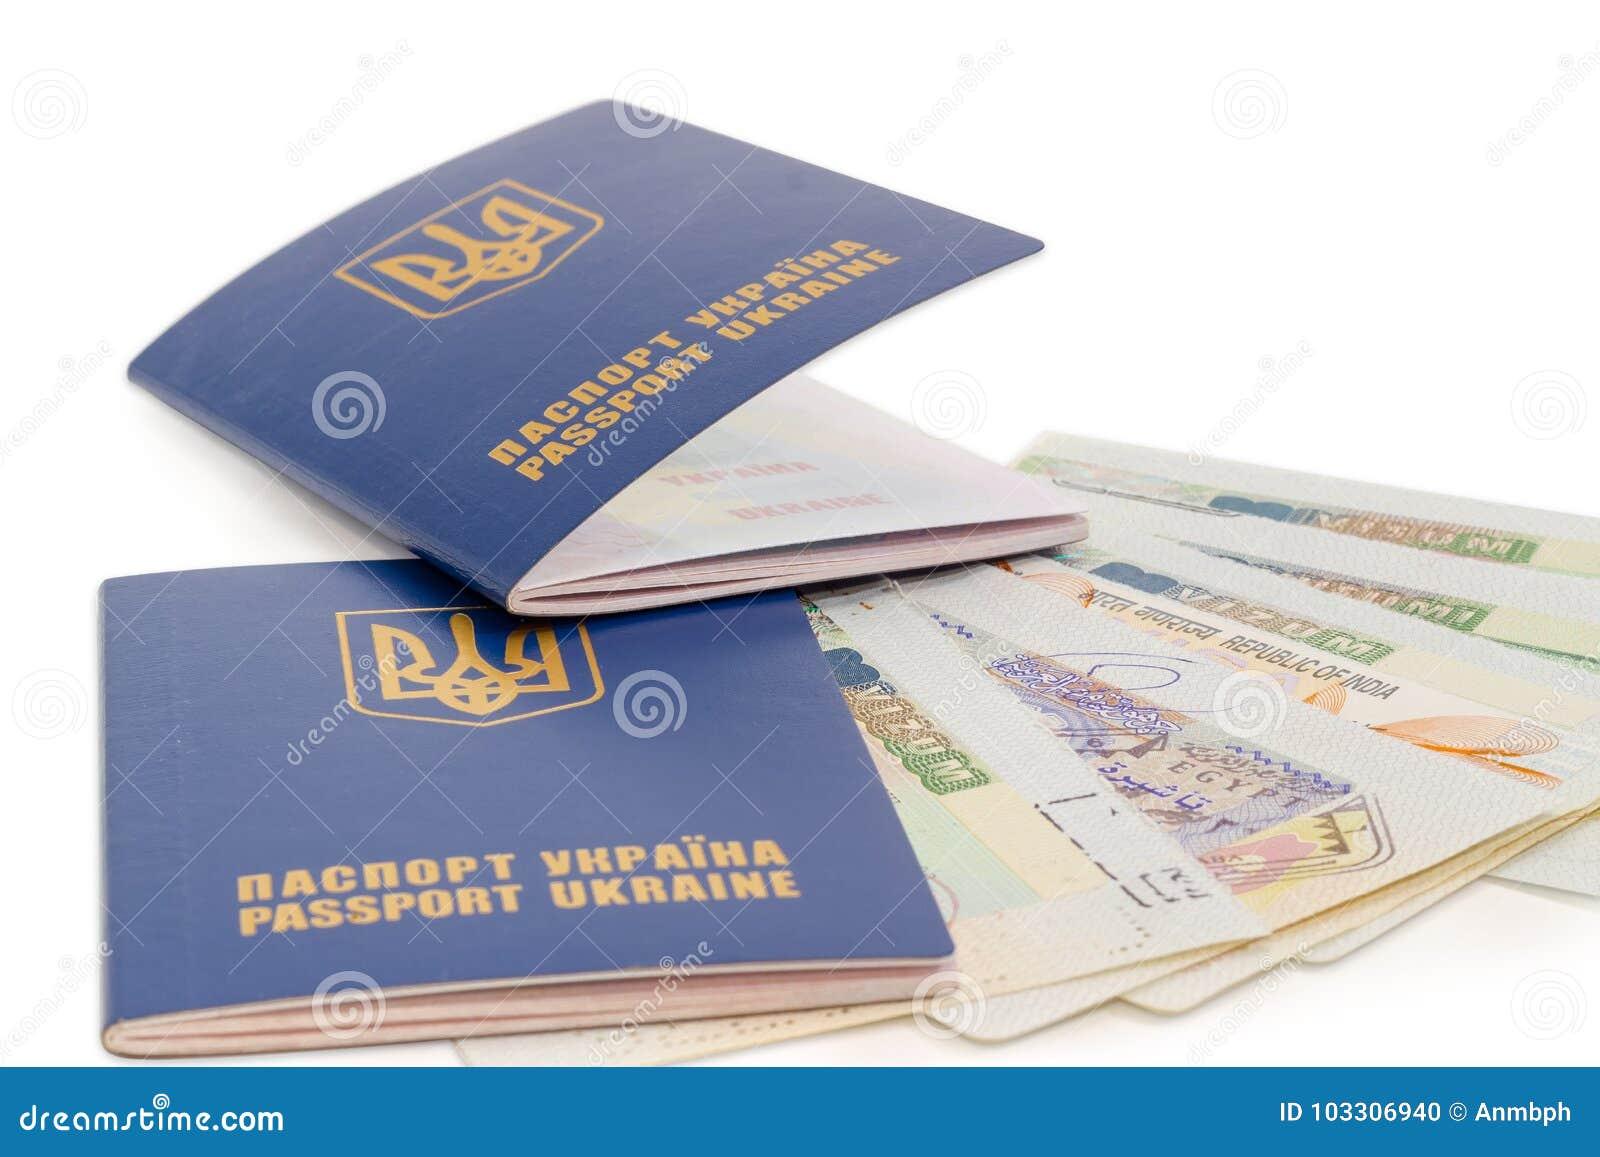 Zwei ukrainische Pässe auf der Reisevisumsnahaufnahme